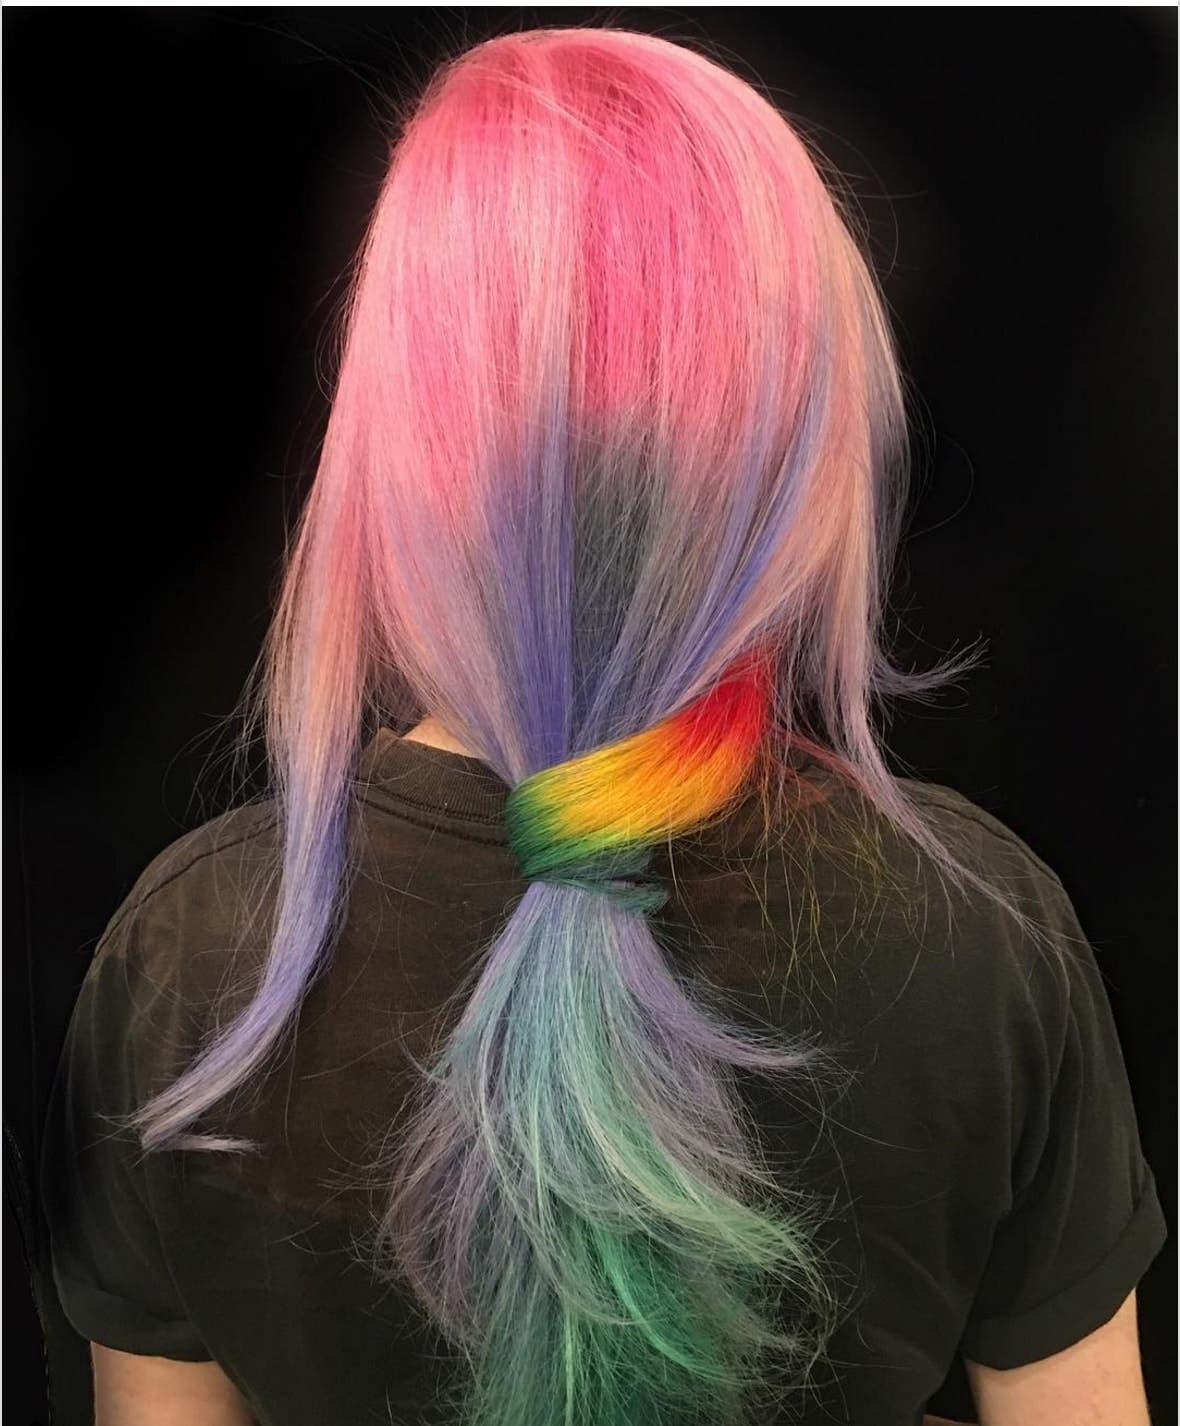 Окрашивание омбре: переход волос от темного к светлому 83